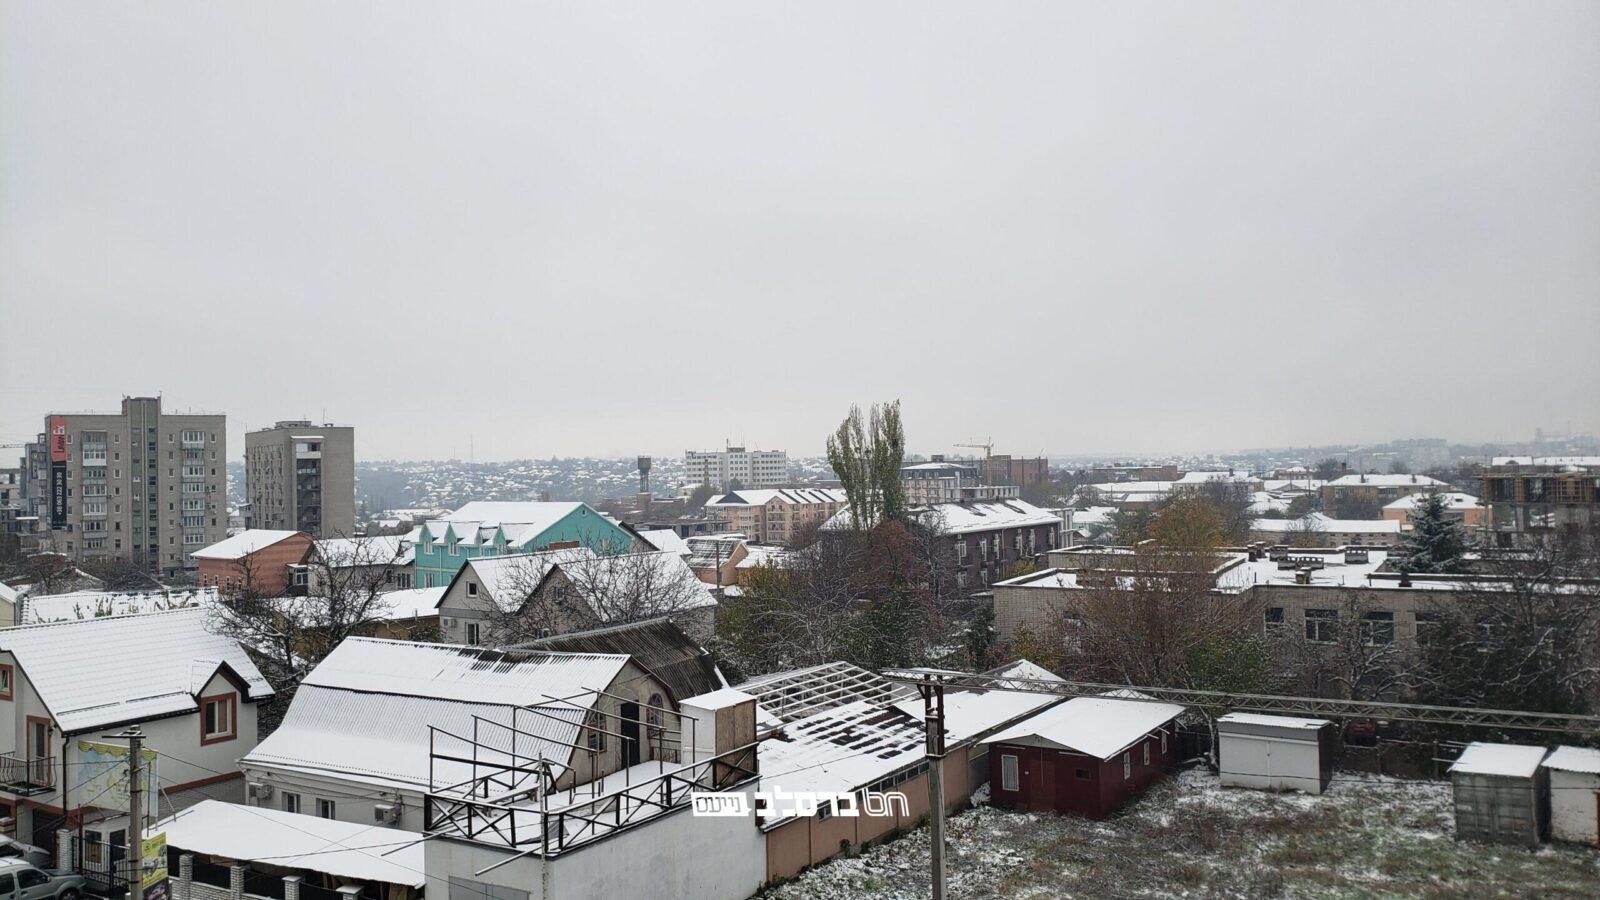 אומן • משעות הבוקר החל לרדת שלג קל בעיר הגעגועים אומן שבאוקראינה